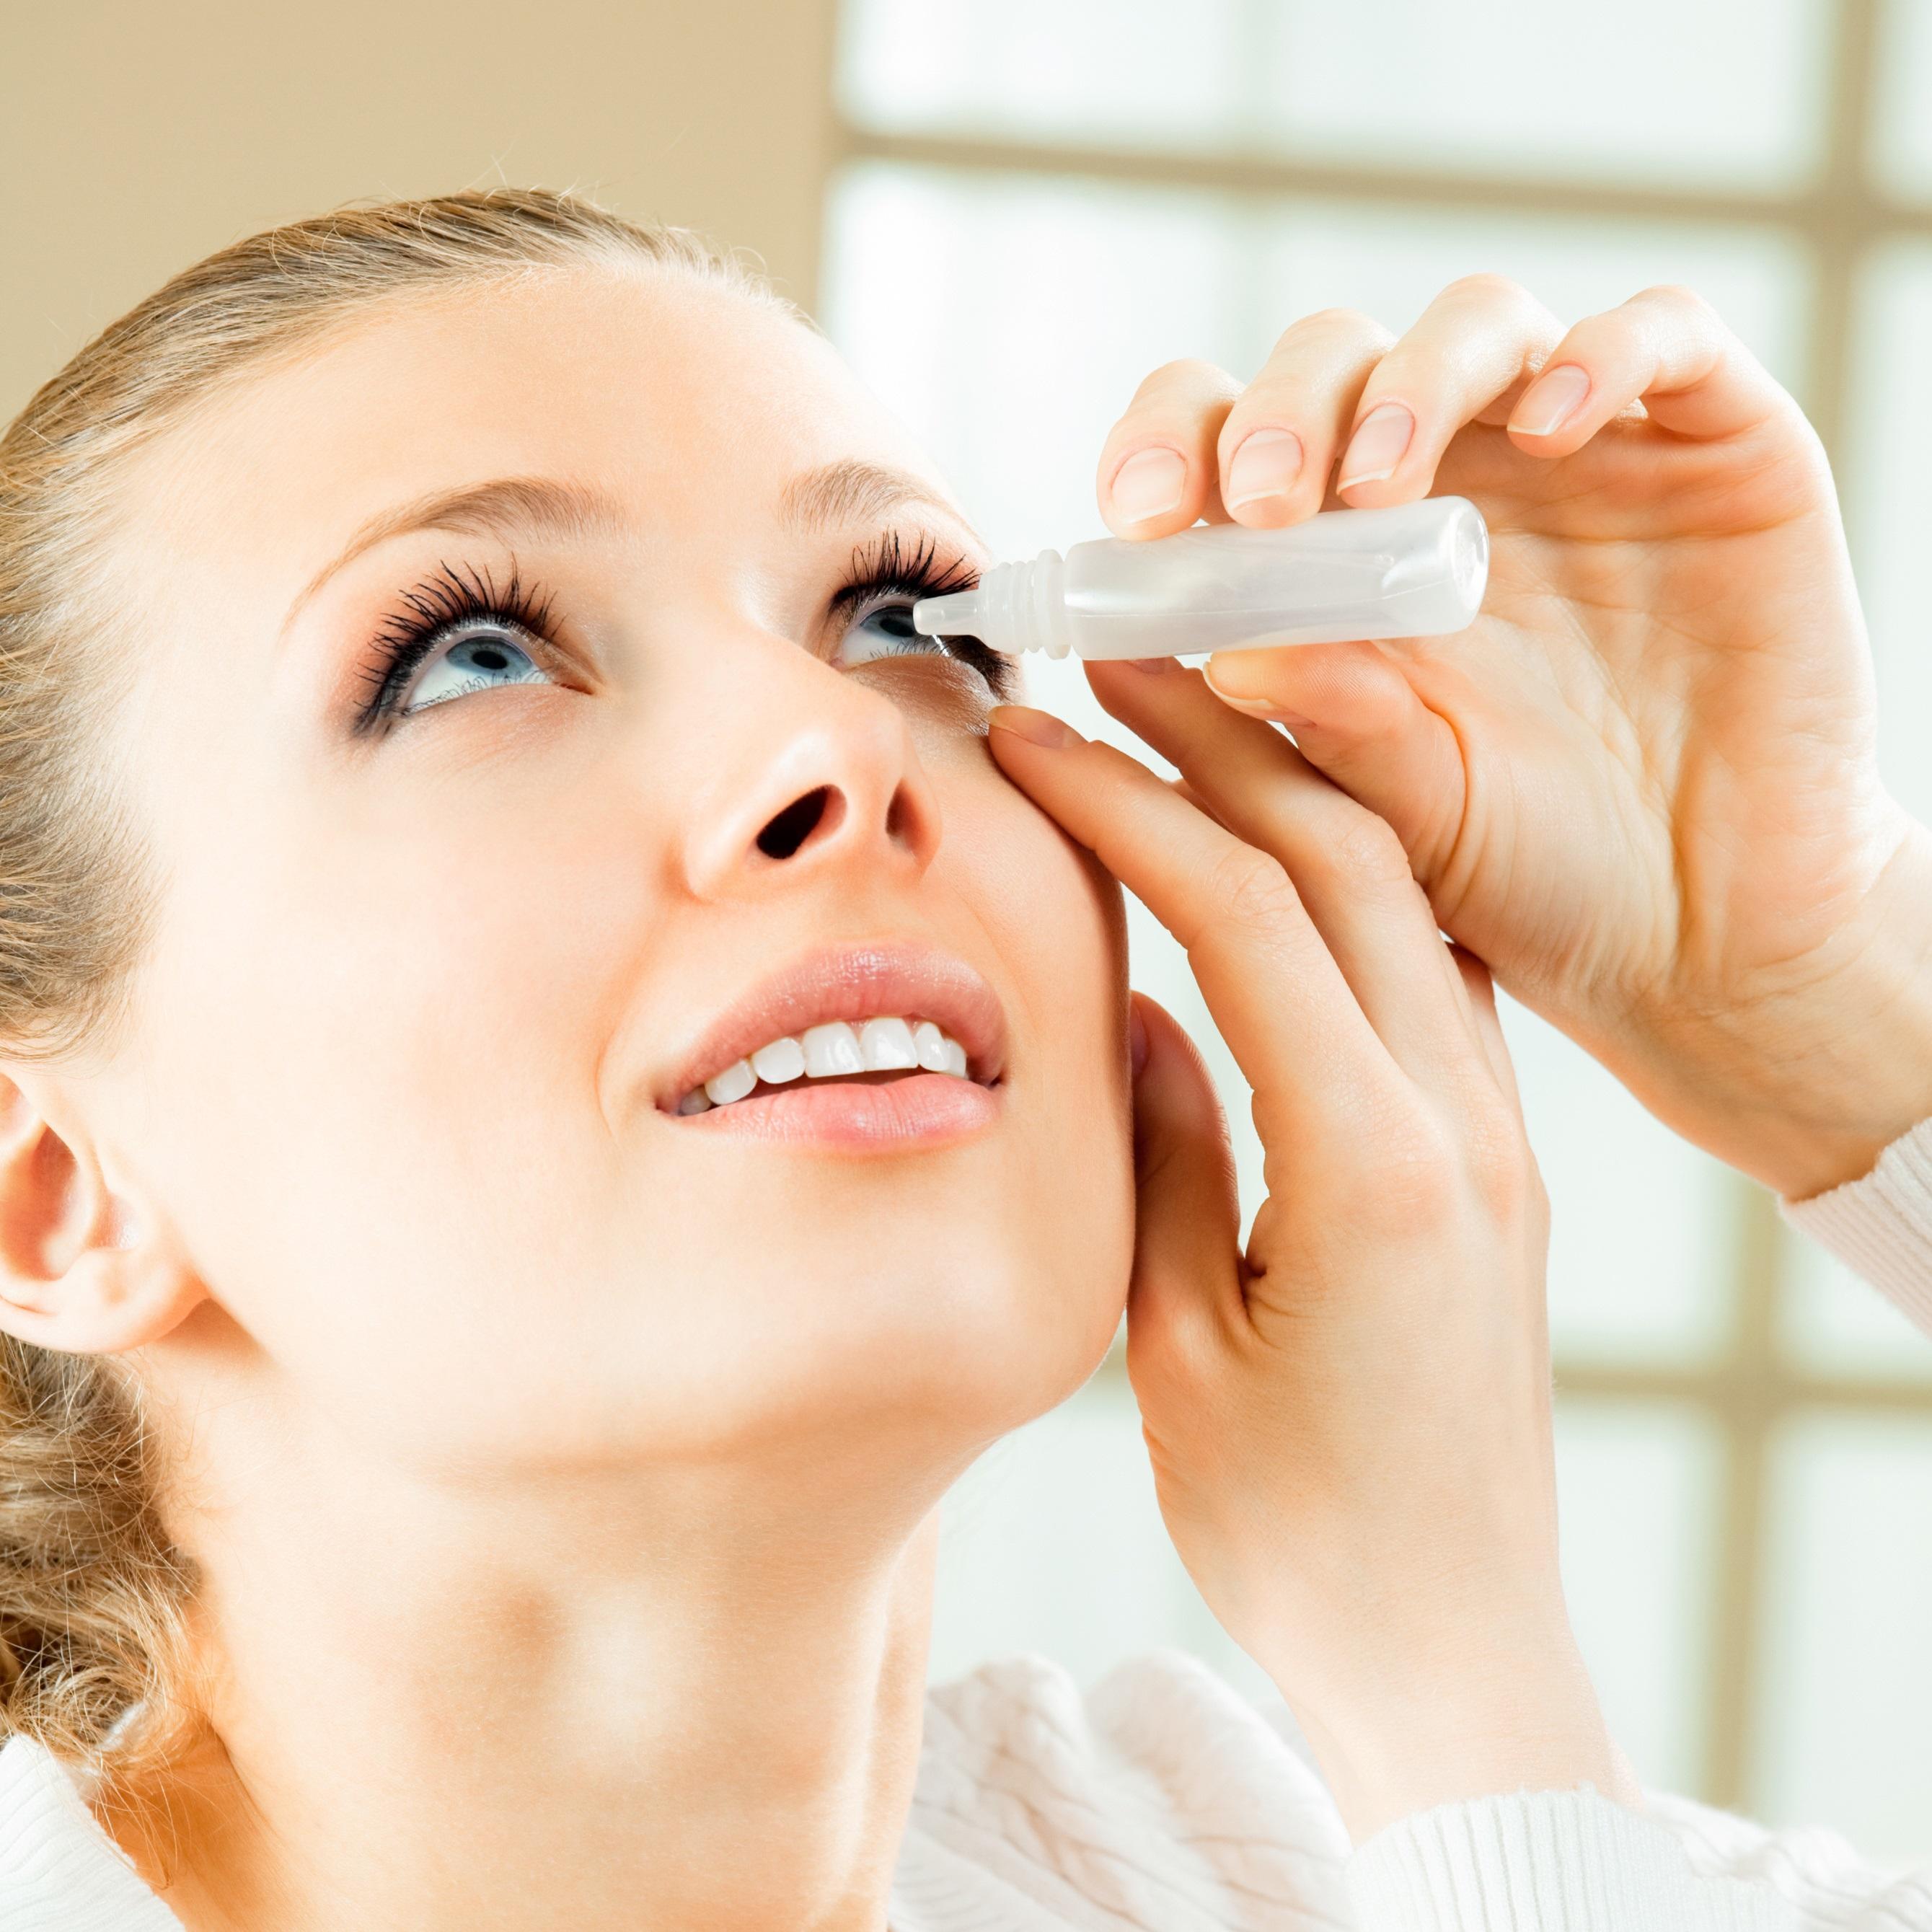 Woman putting in eye drops